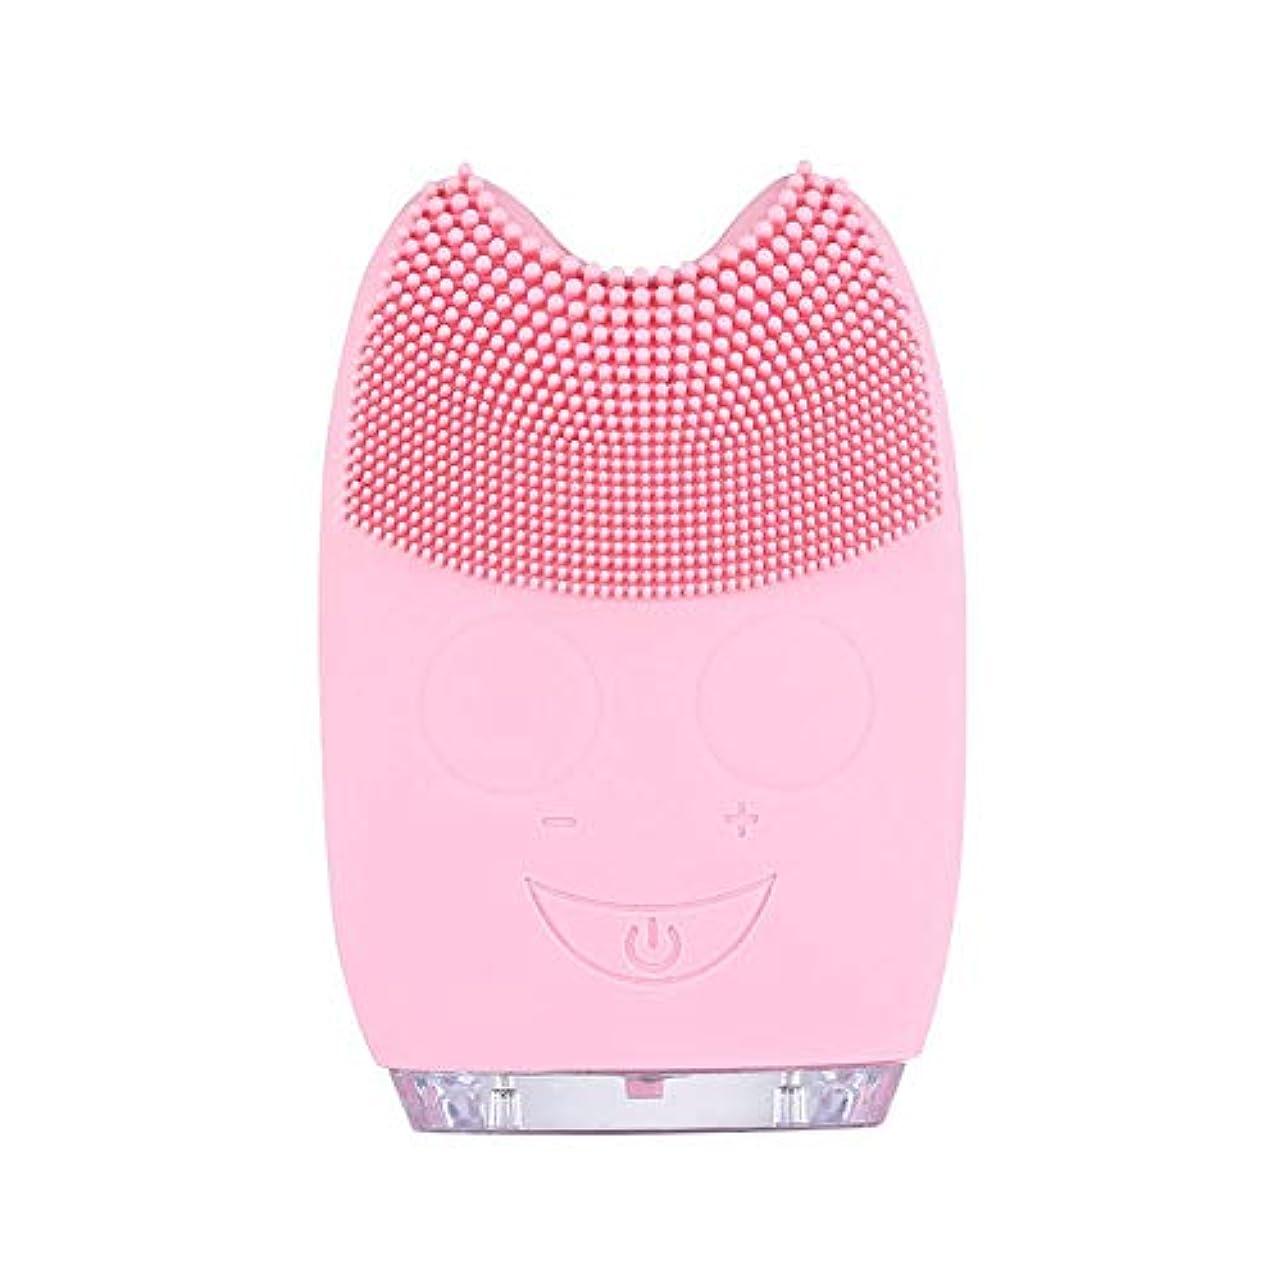 可能にする取る定義洗顔ブラシ ソニックフェイシャルクレンジングブラシマッサージャー充電式電気シリコーン剥離フェイススクラブブラシ ディープクレンジングスキンケア用 (色 : ピンク, サイズ : 9.8*6.4*3cm)